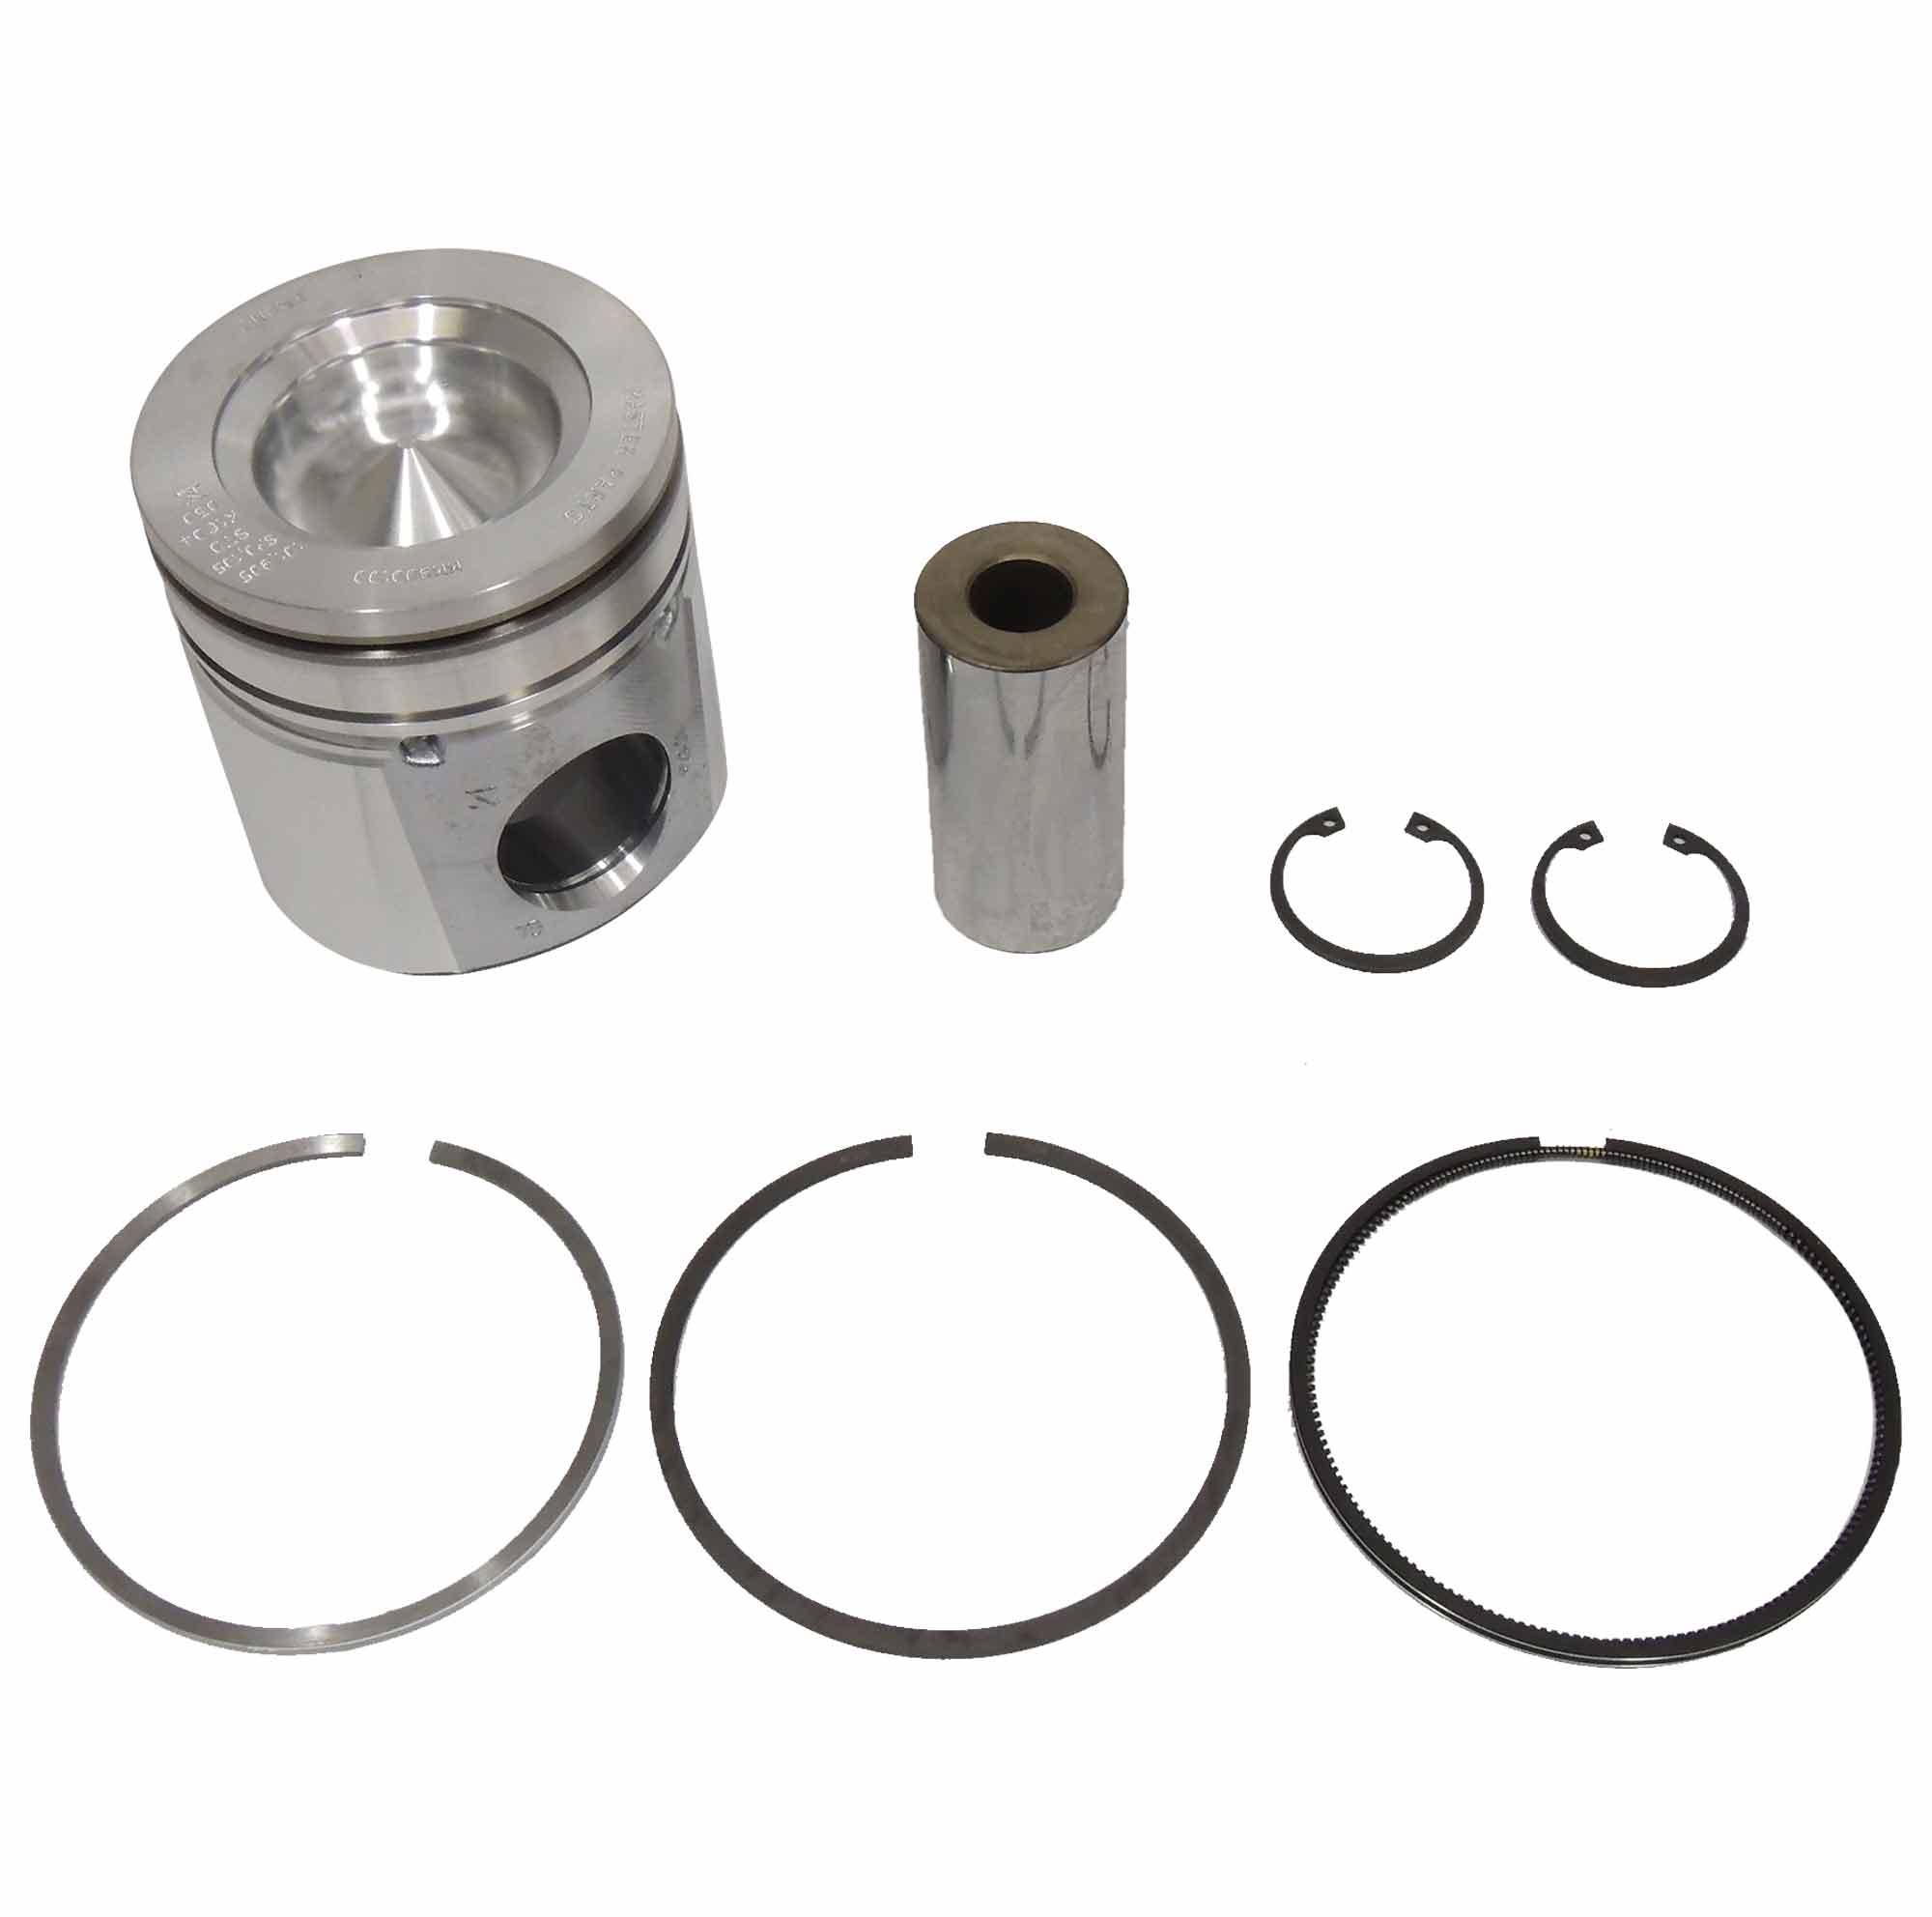 MM900100 - Conjunto de pistão e anéis